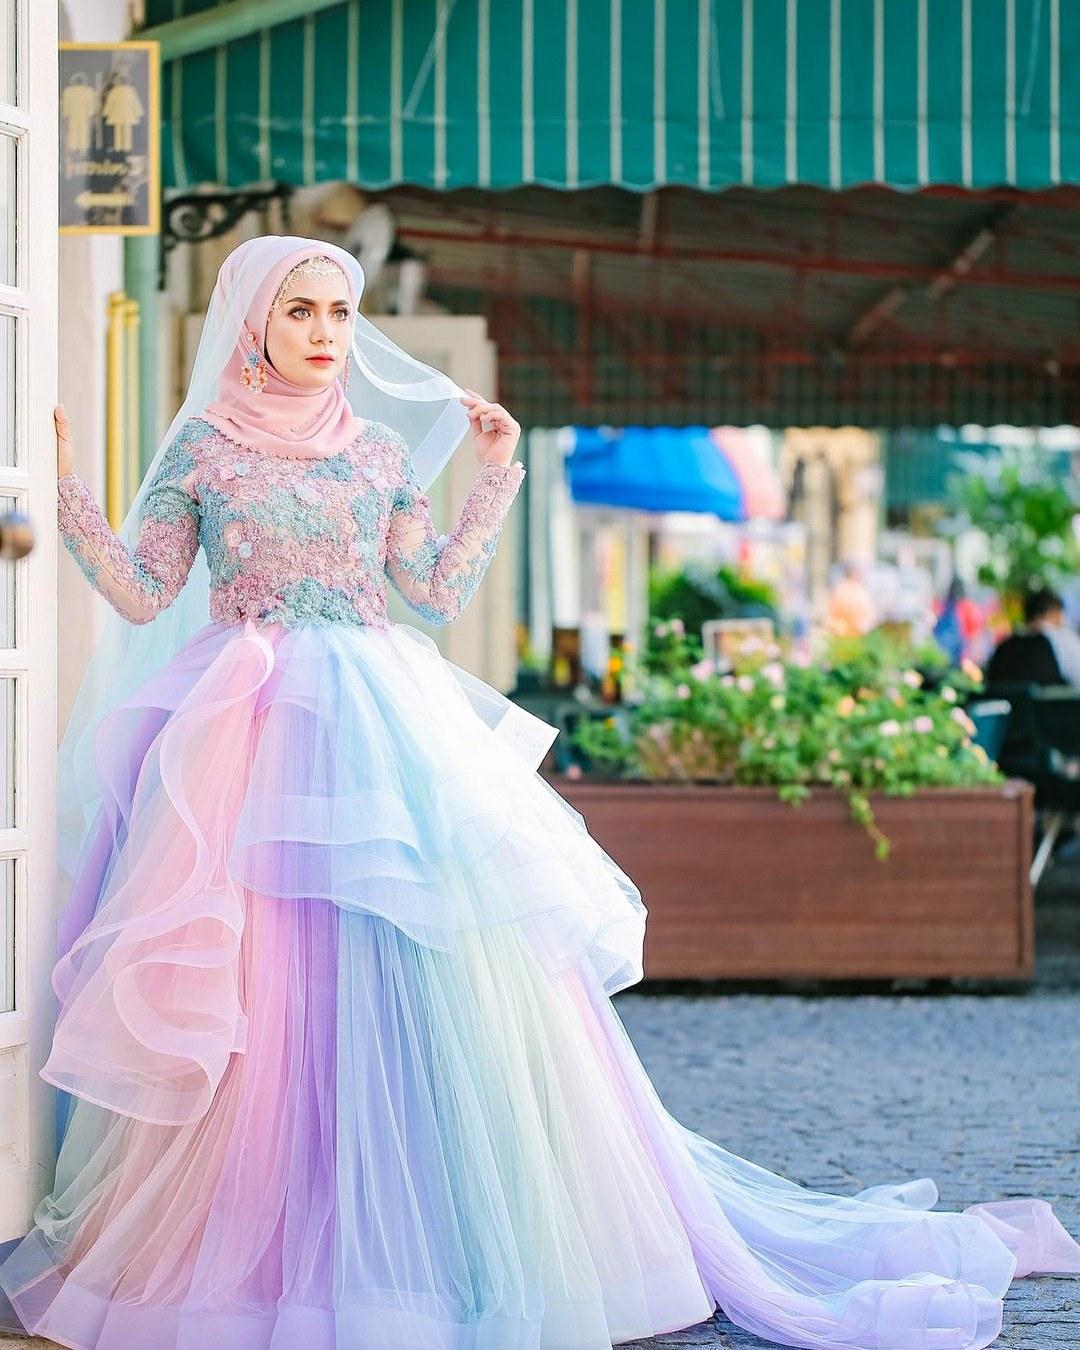 Bentuk Gaun Pengantin Muslimah Ala Princess Q0d4 34 Inspirasi Terpopuler Gaun Pengantin Malaysia